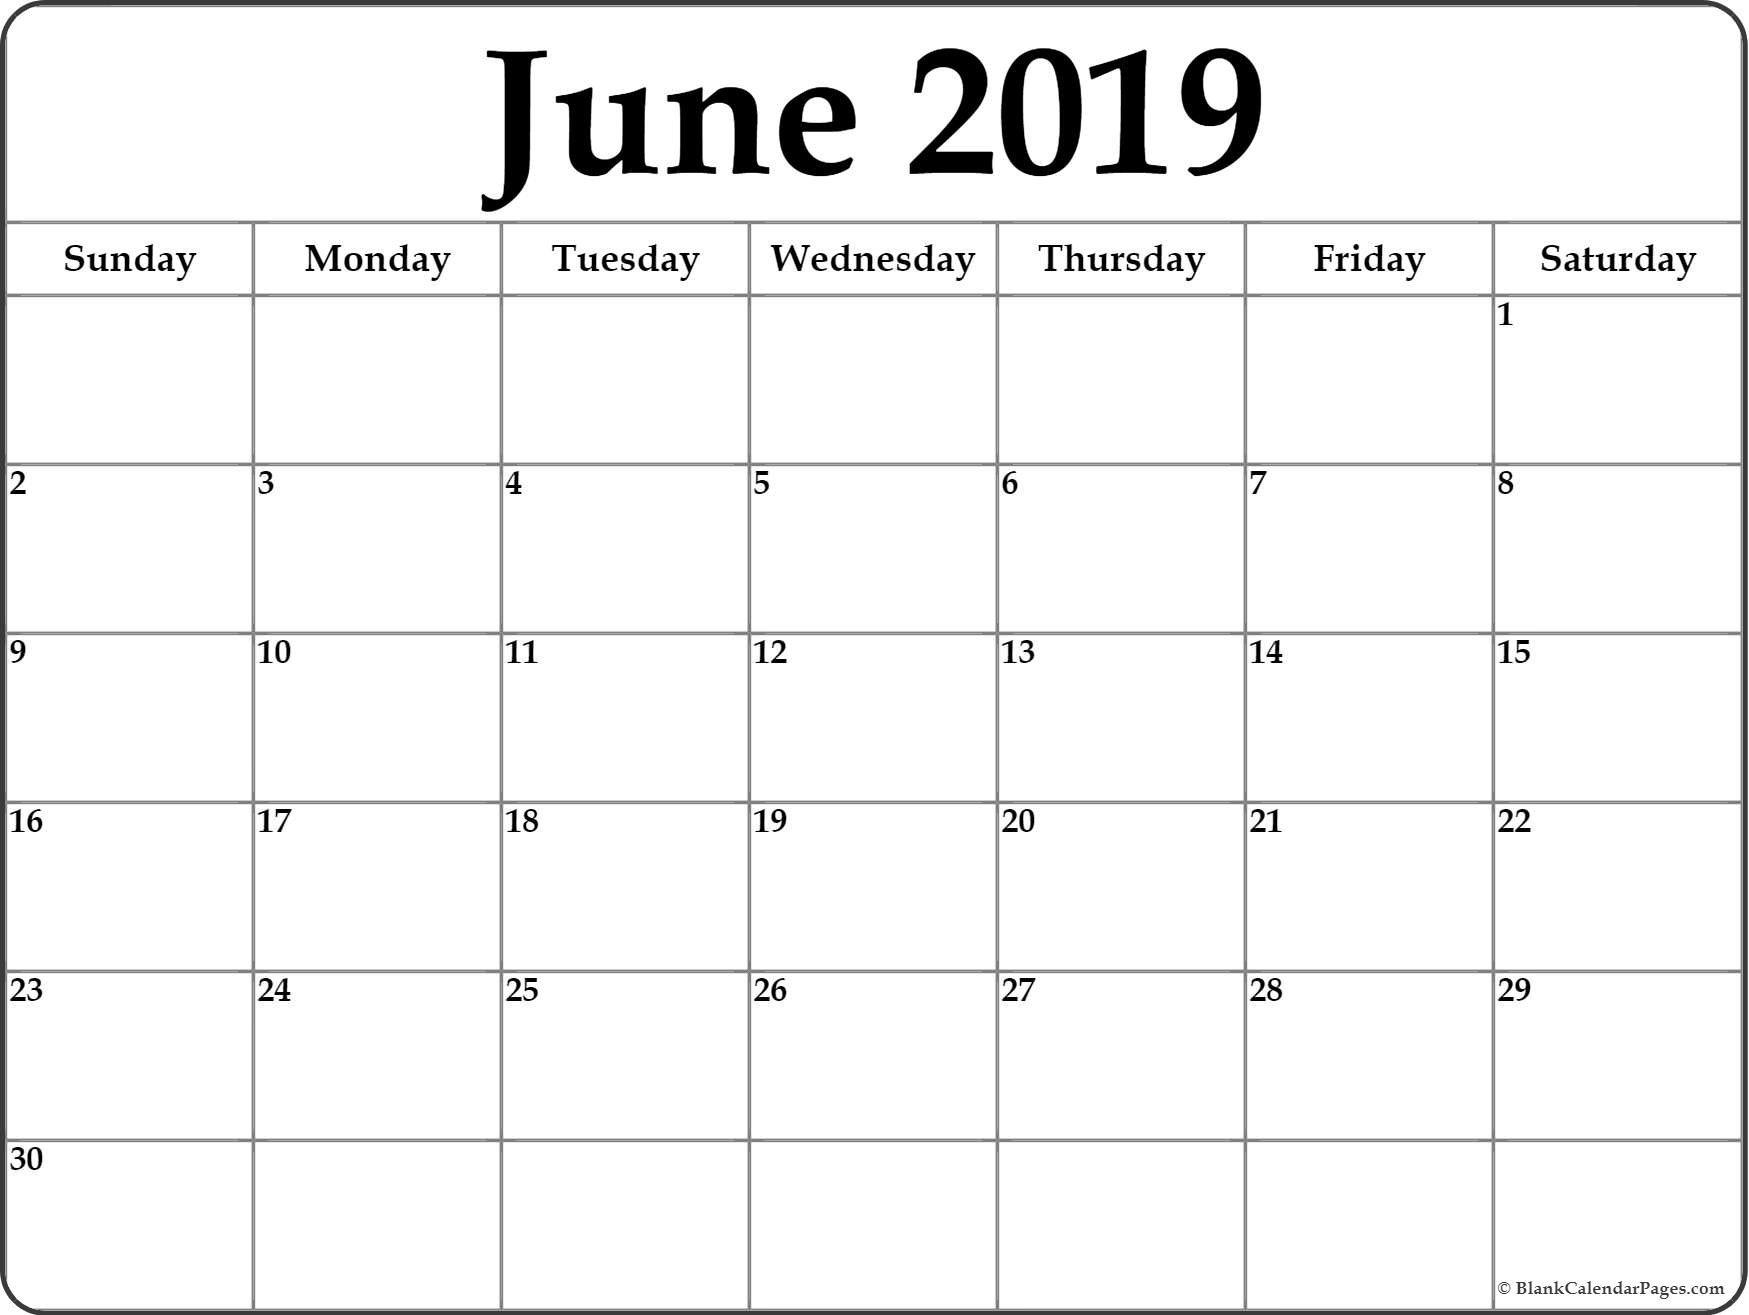 Blank Monthly Calendar June 2019 – Icard.cmi C Calendar 2019 Blank